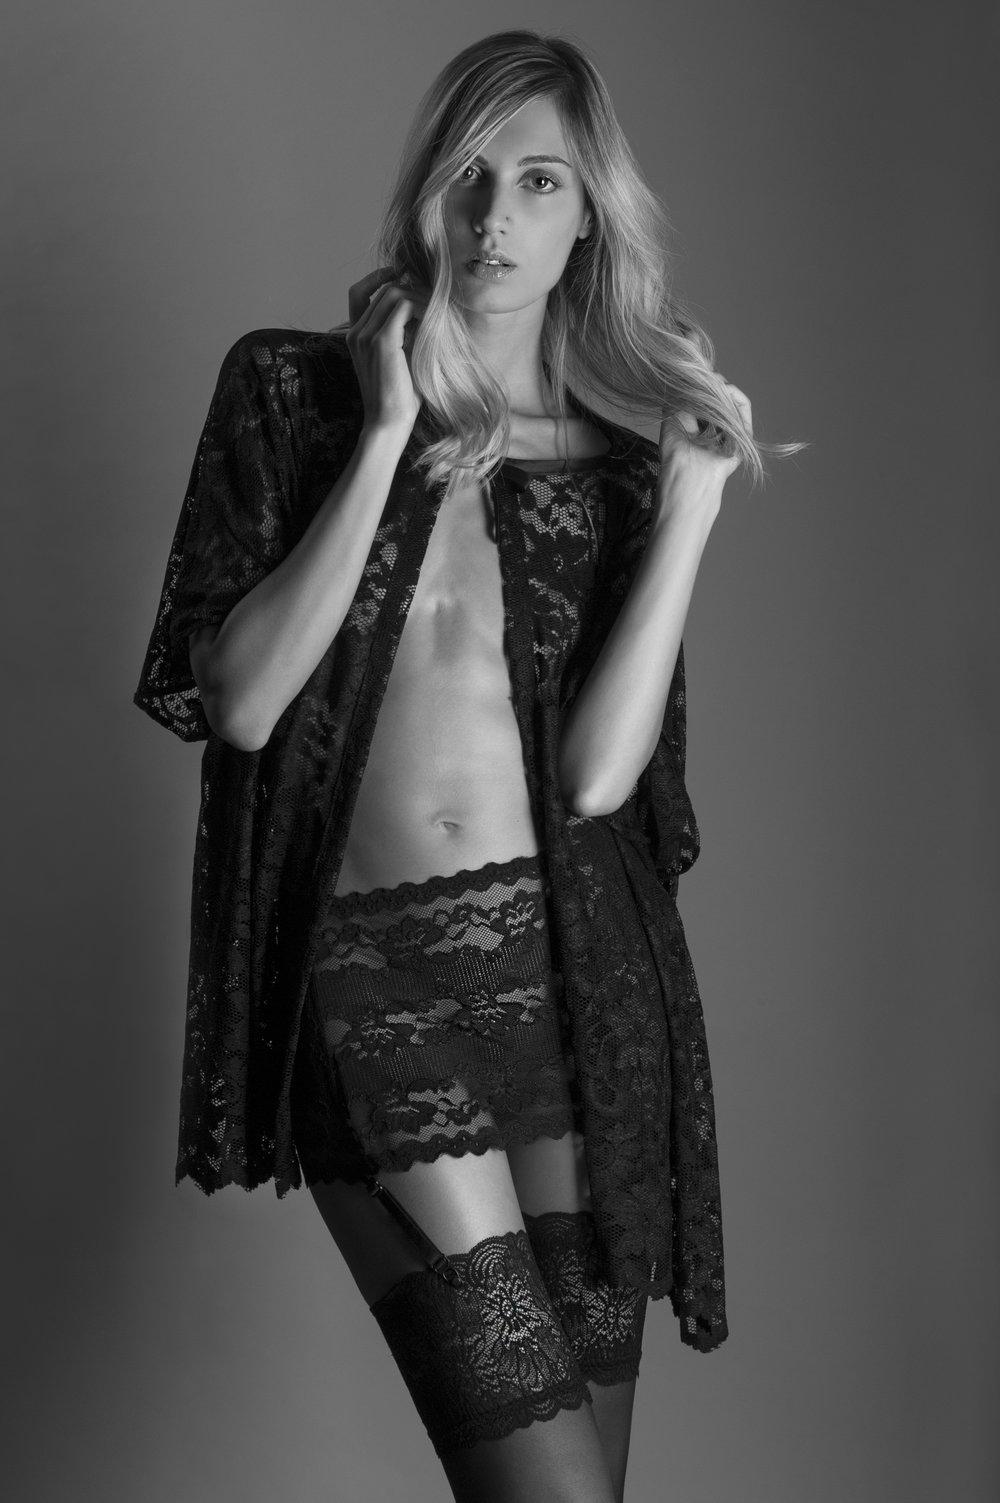 Model: Francy